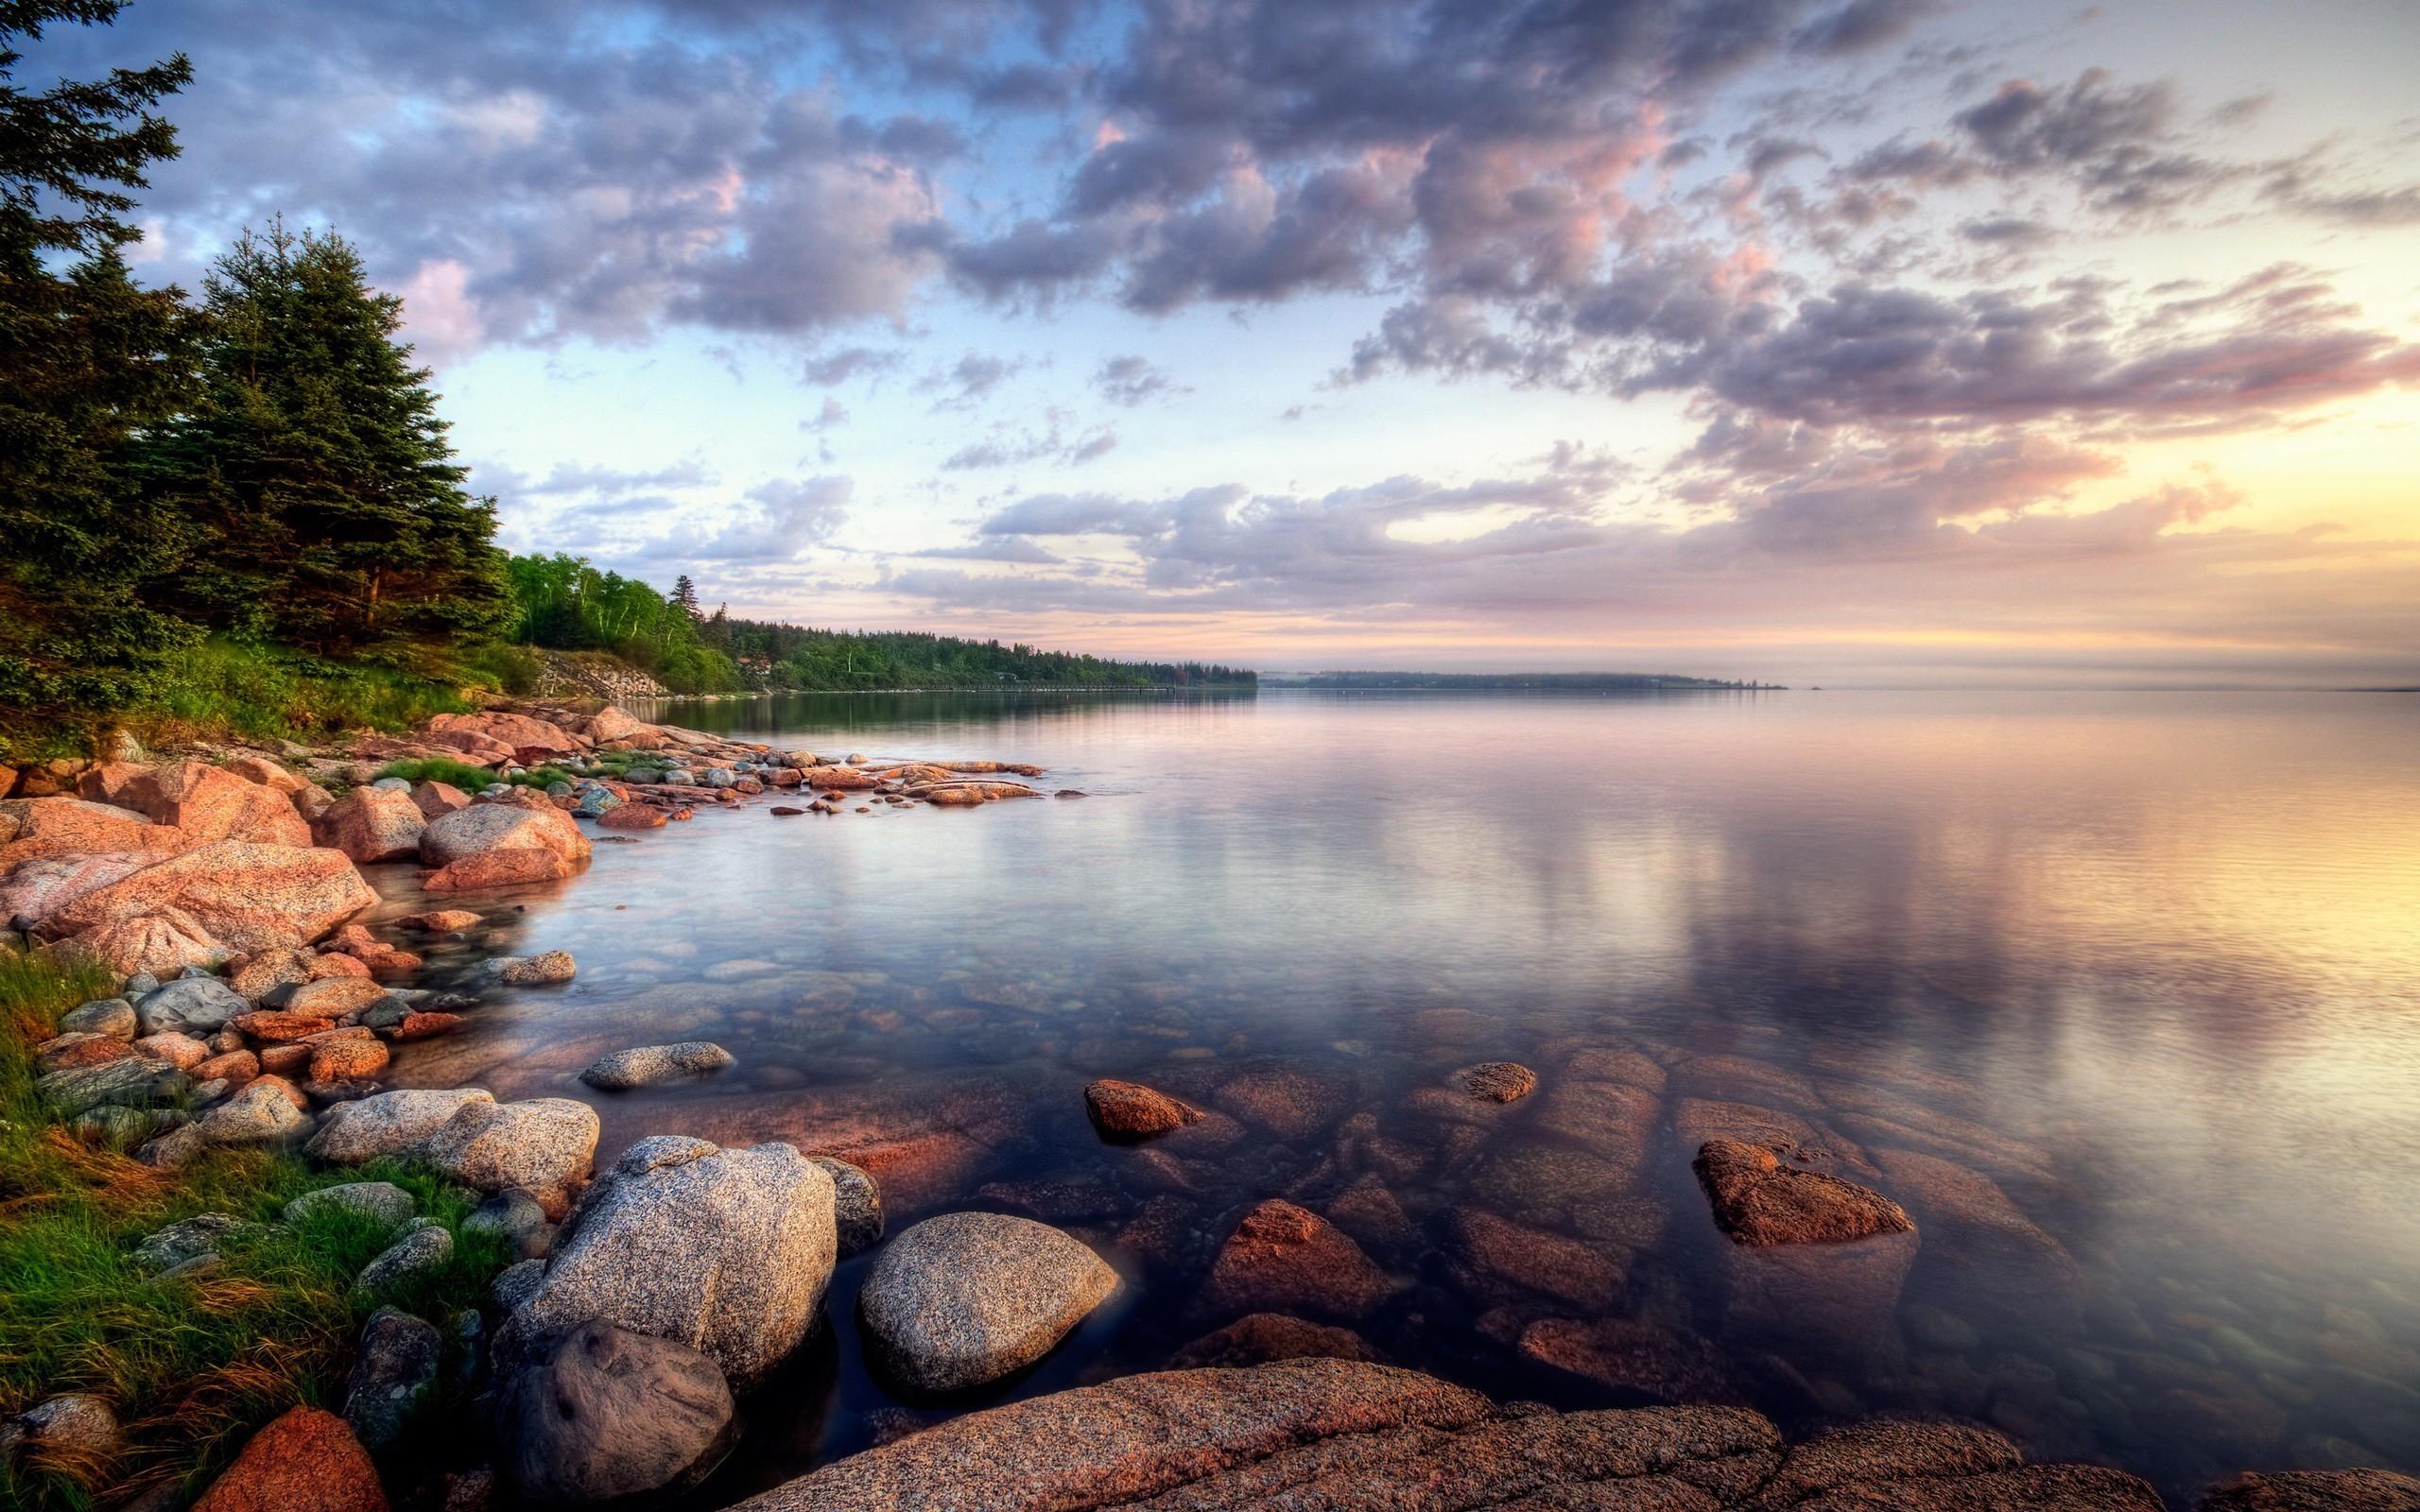 Облака над озером, галька, горы, лес  № 2950443 бесплатно